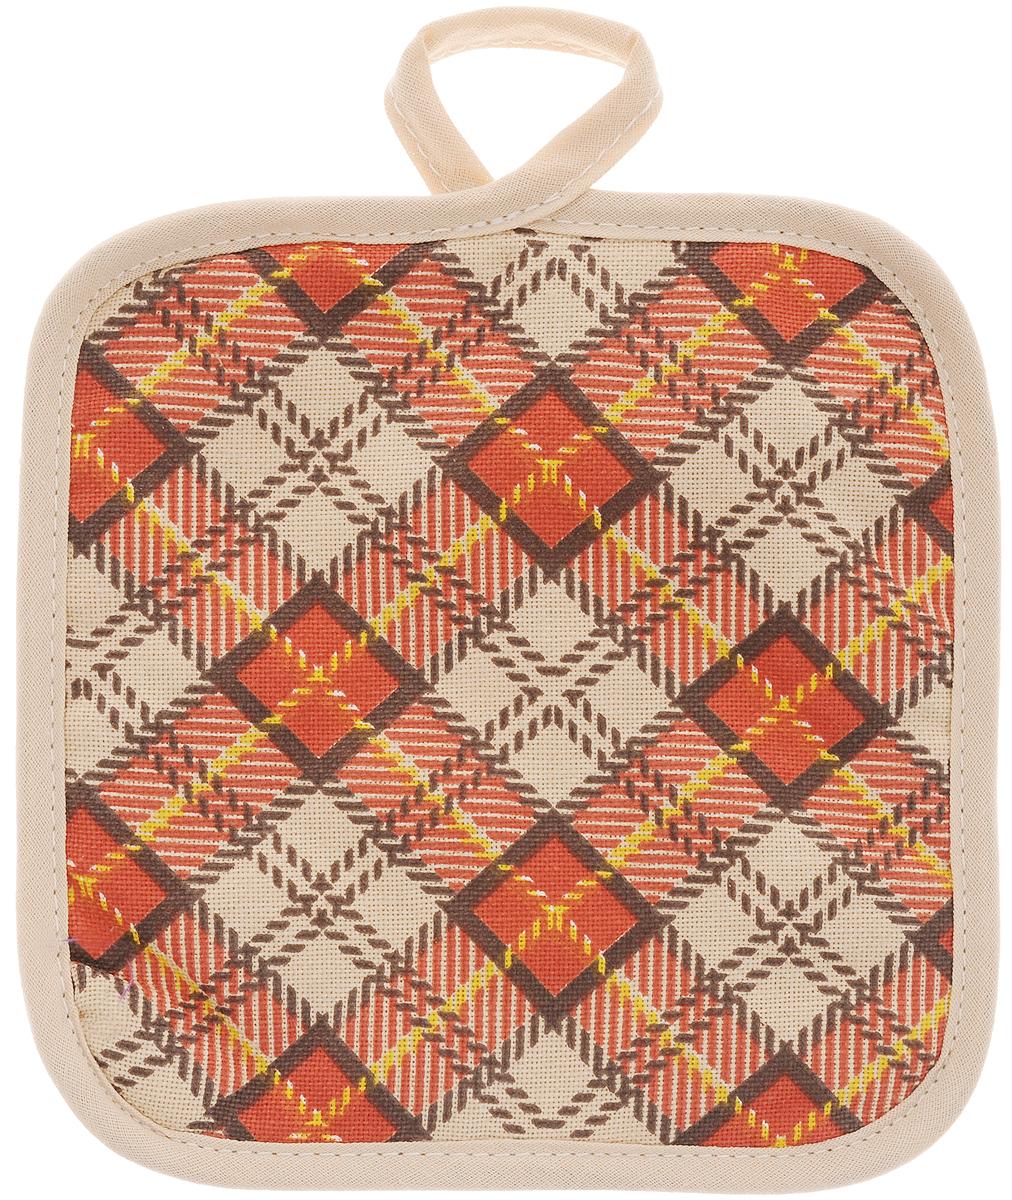 Прихватка Bonita Принц Уэльский, 17 х 17 см1004900000360Прихватка Bonita выполнена из натурального хлопка и декорирована оригинальным рисунком. Изделие оснащено специальной петелькой, за которую его можно подвесить на крючок в любом удобном для вас месте. Такая прихватка красиво дополнит интерьер кухни.